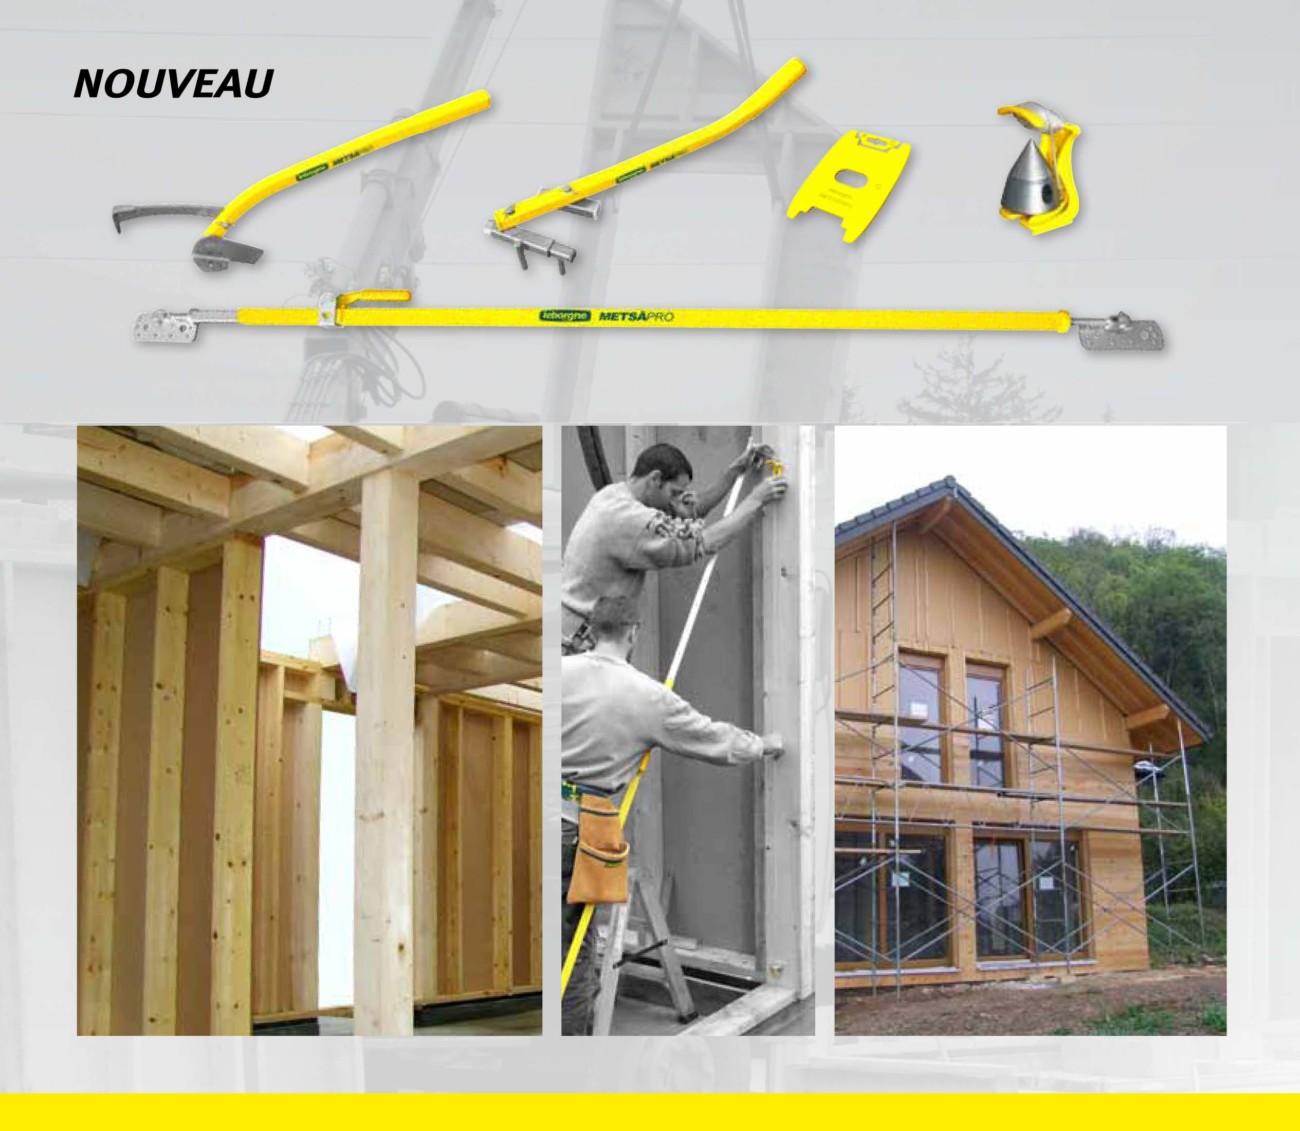 Des outils pour le montage des maisons ossature bois